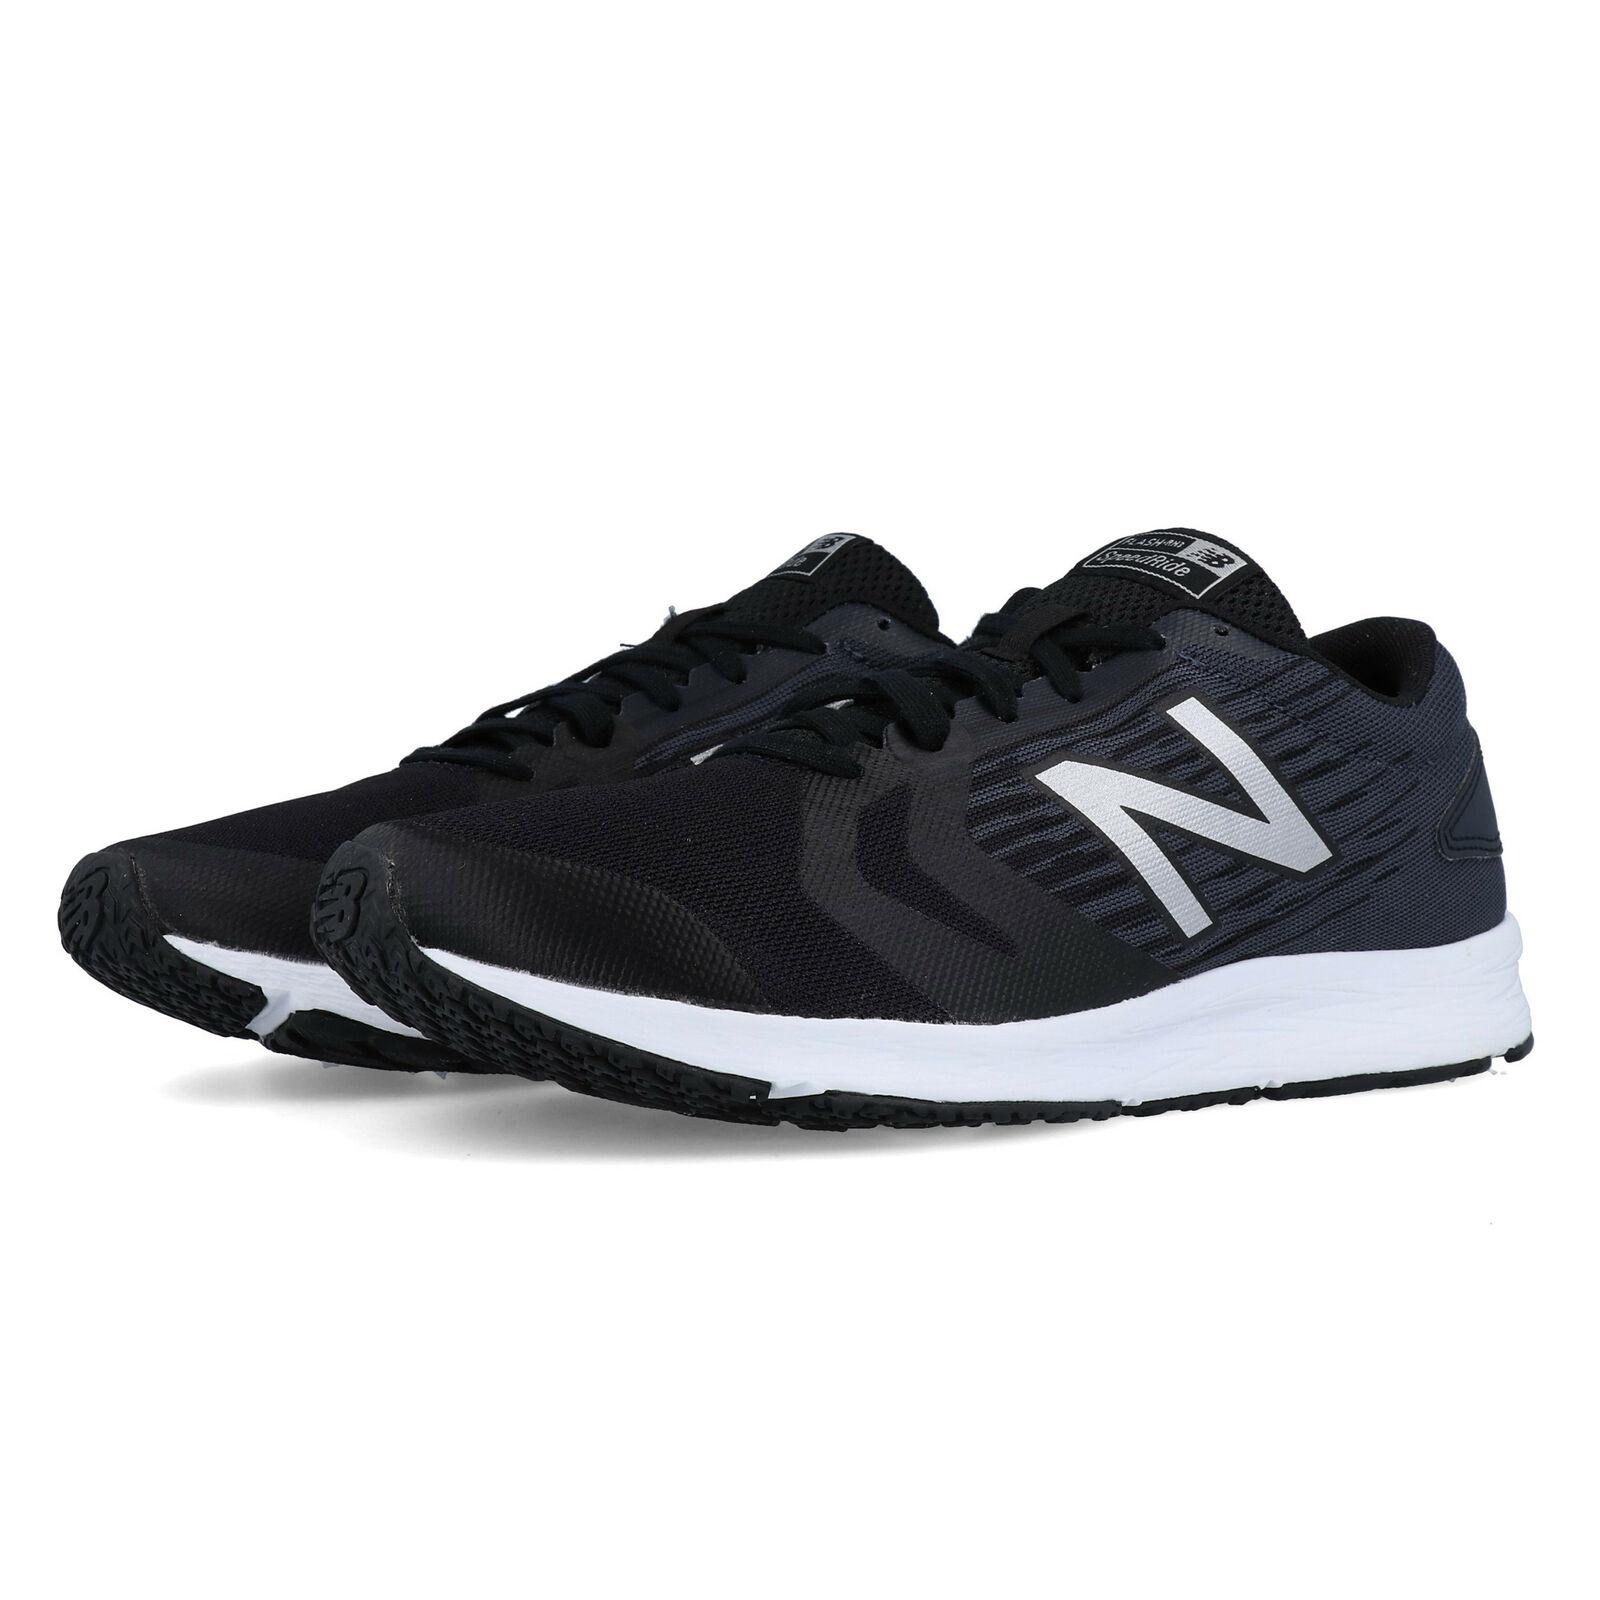 New Equilibrar Hombre Flash V3 Correr Zapatos Zapatillas Negro  Deporte  encuentra tu favorito aquí